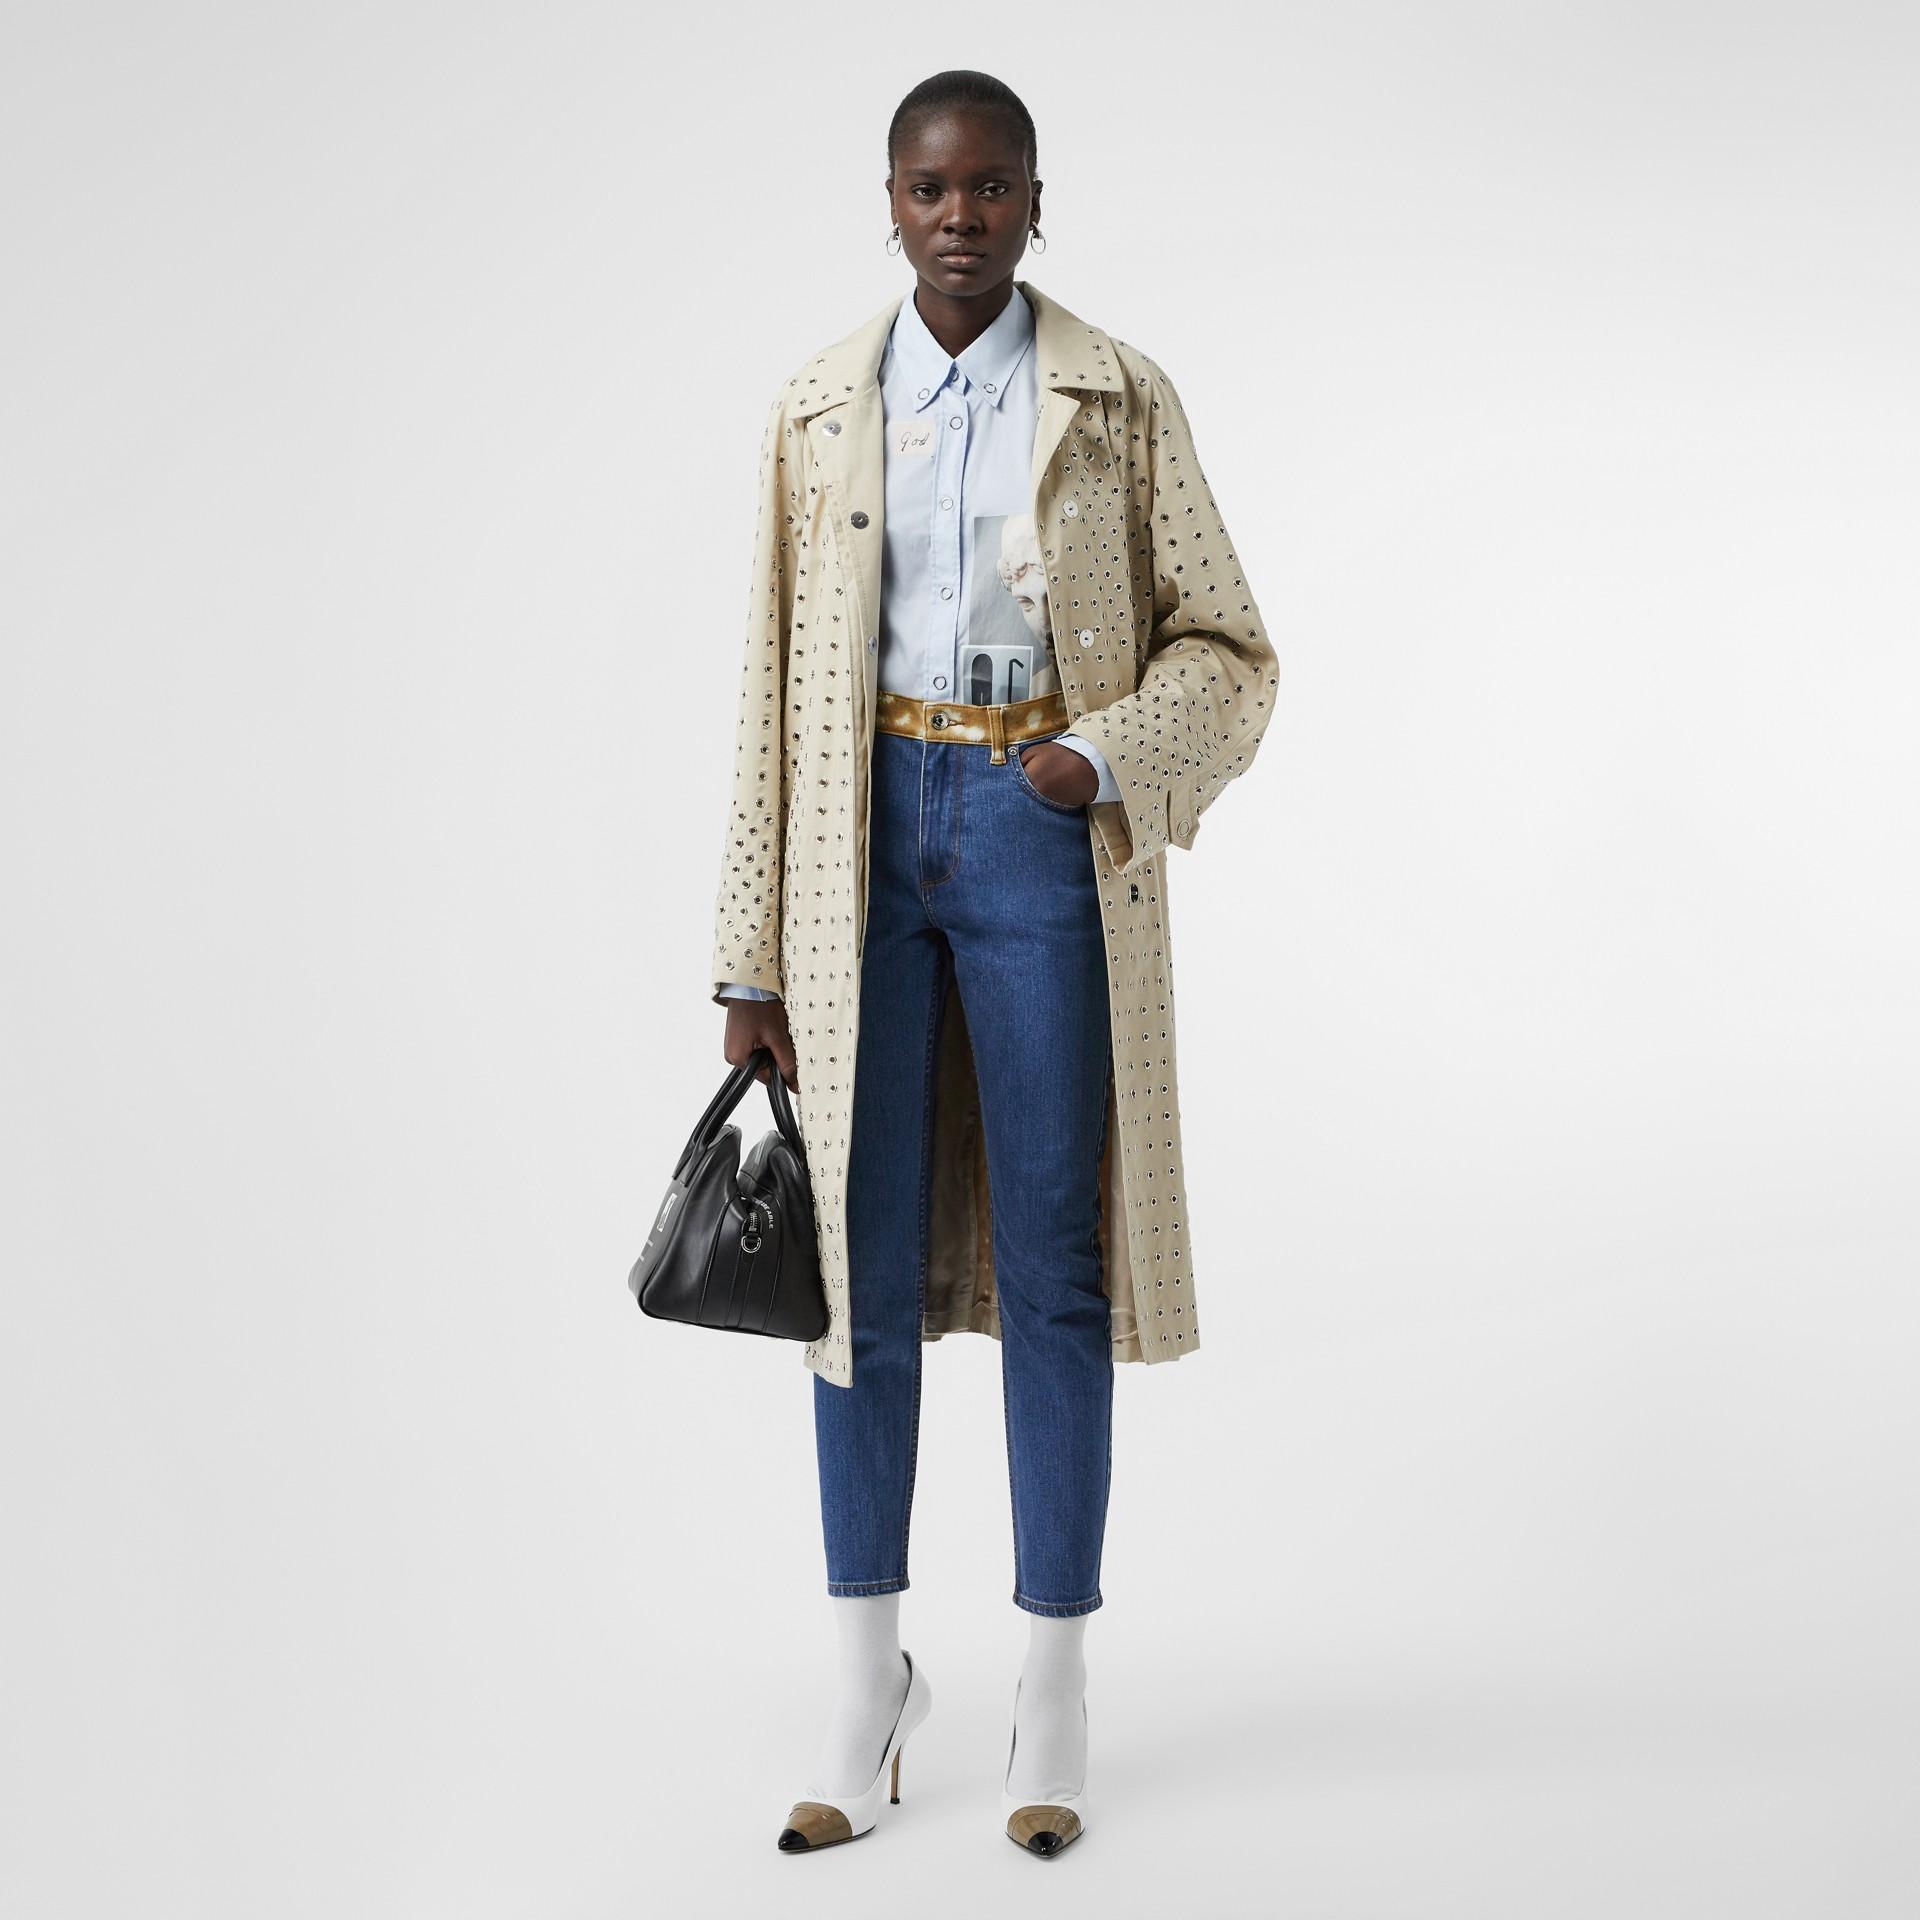 緊身剪裁鹿斑點印花裝飾日本丹寧牛仔褲 (中藍色) - 女款 | Burberry - 圖庫照片 0